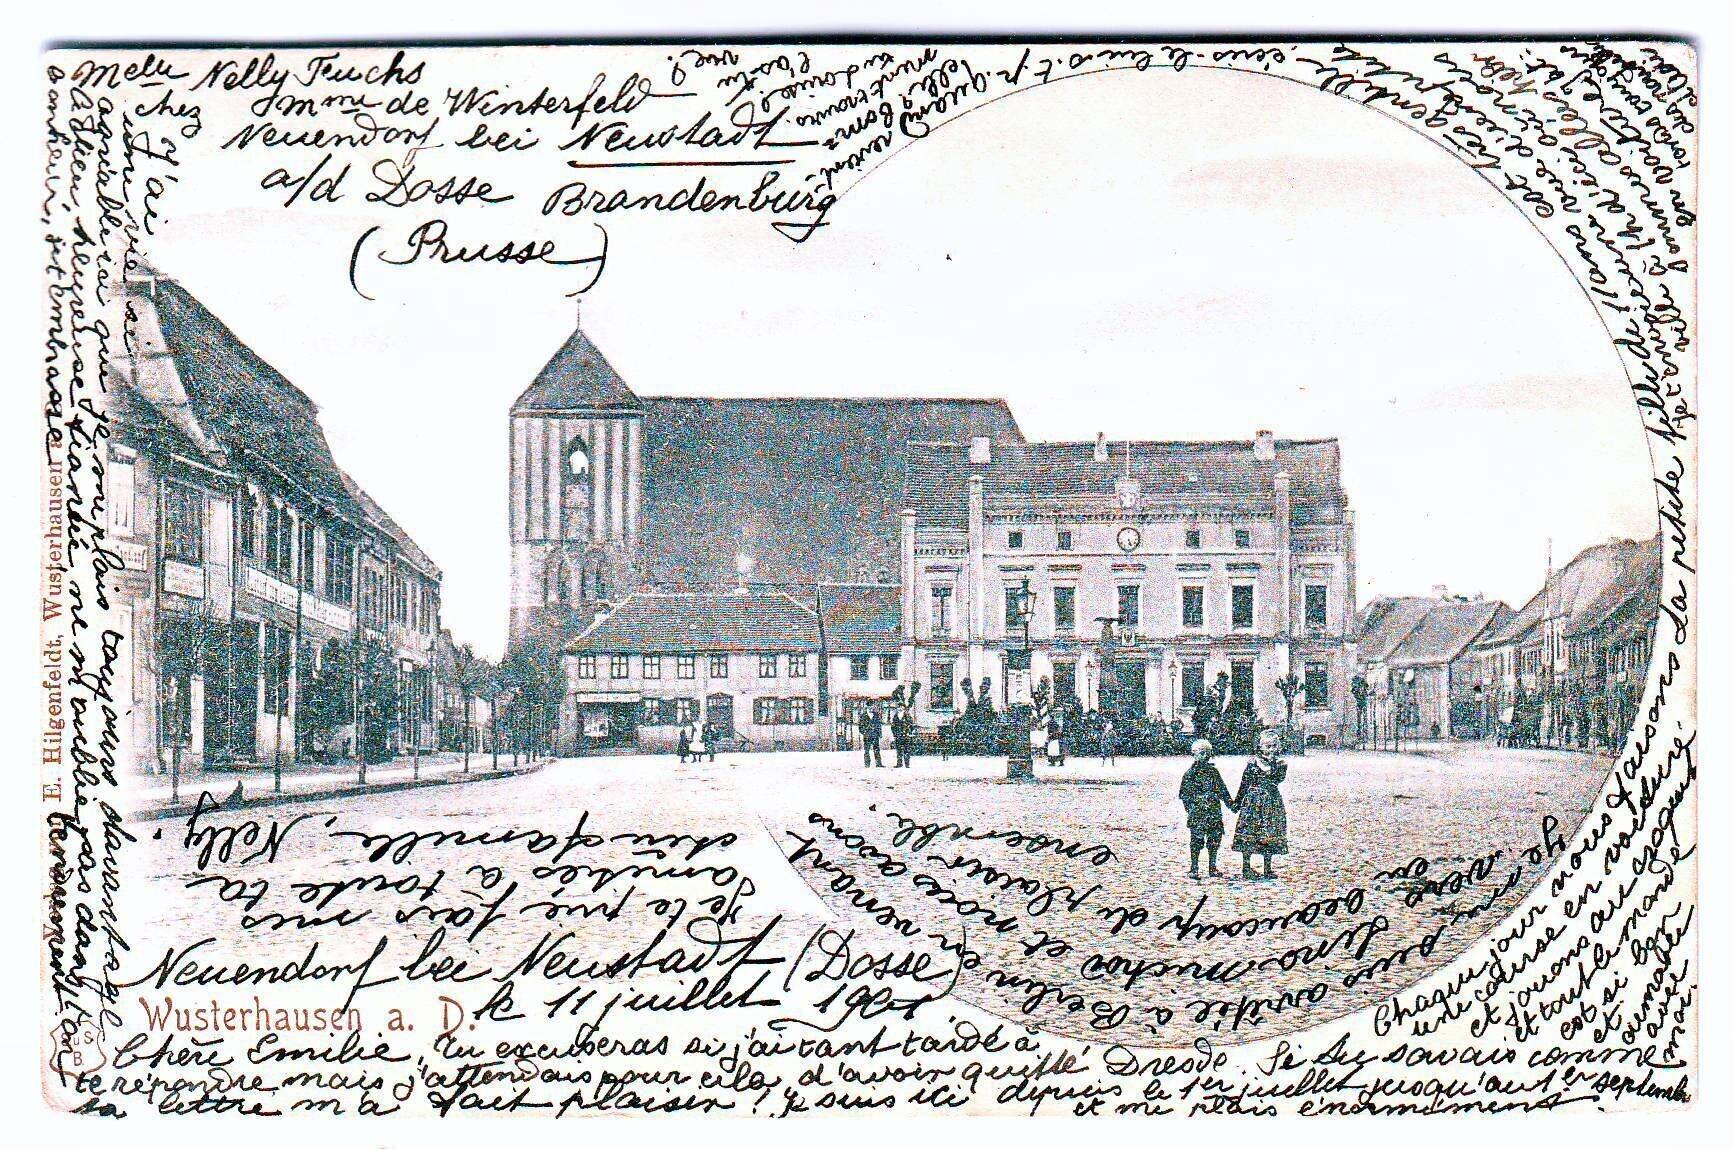 Postkarte, 1901 gelaufen Quelle: Archiv Wegemuseum